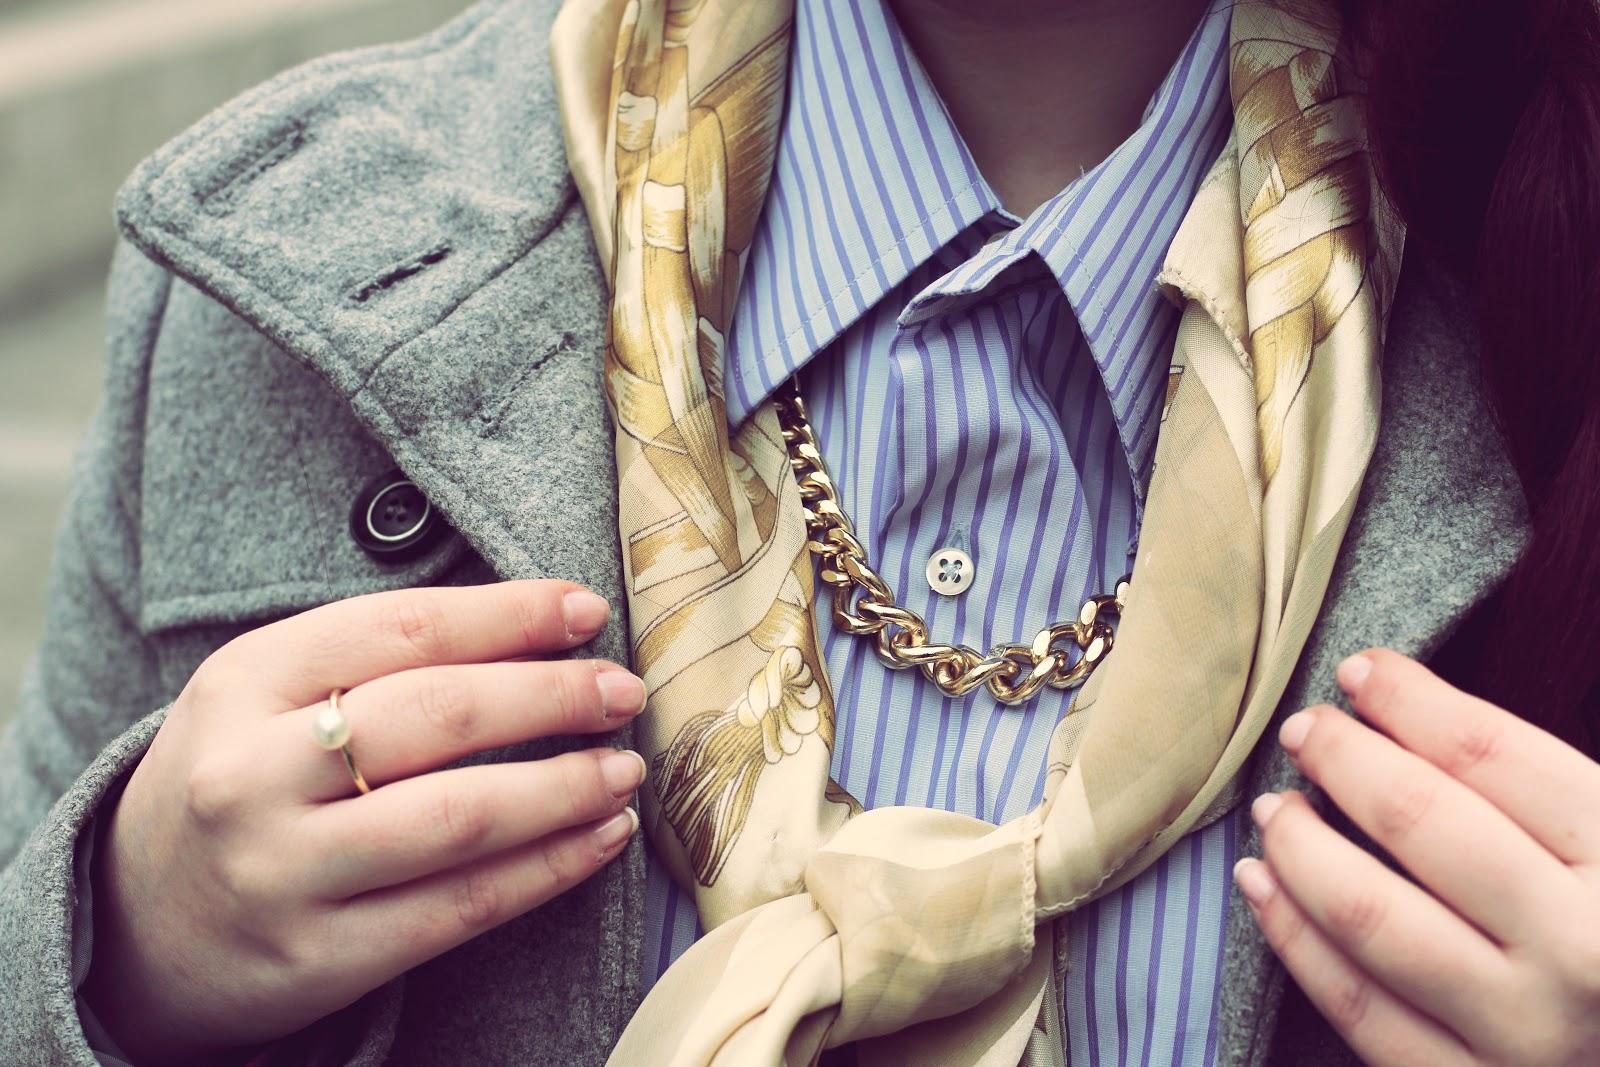 efbe45983d Foulard Hermès & Chemise d'Homme - Blog Mode